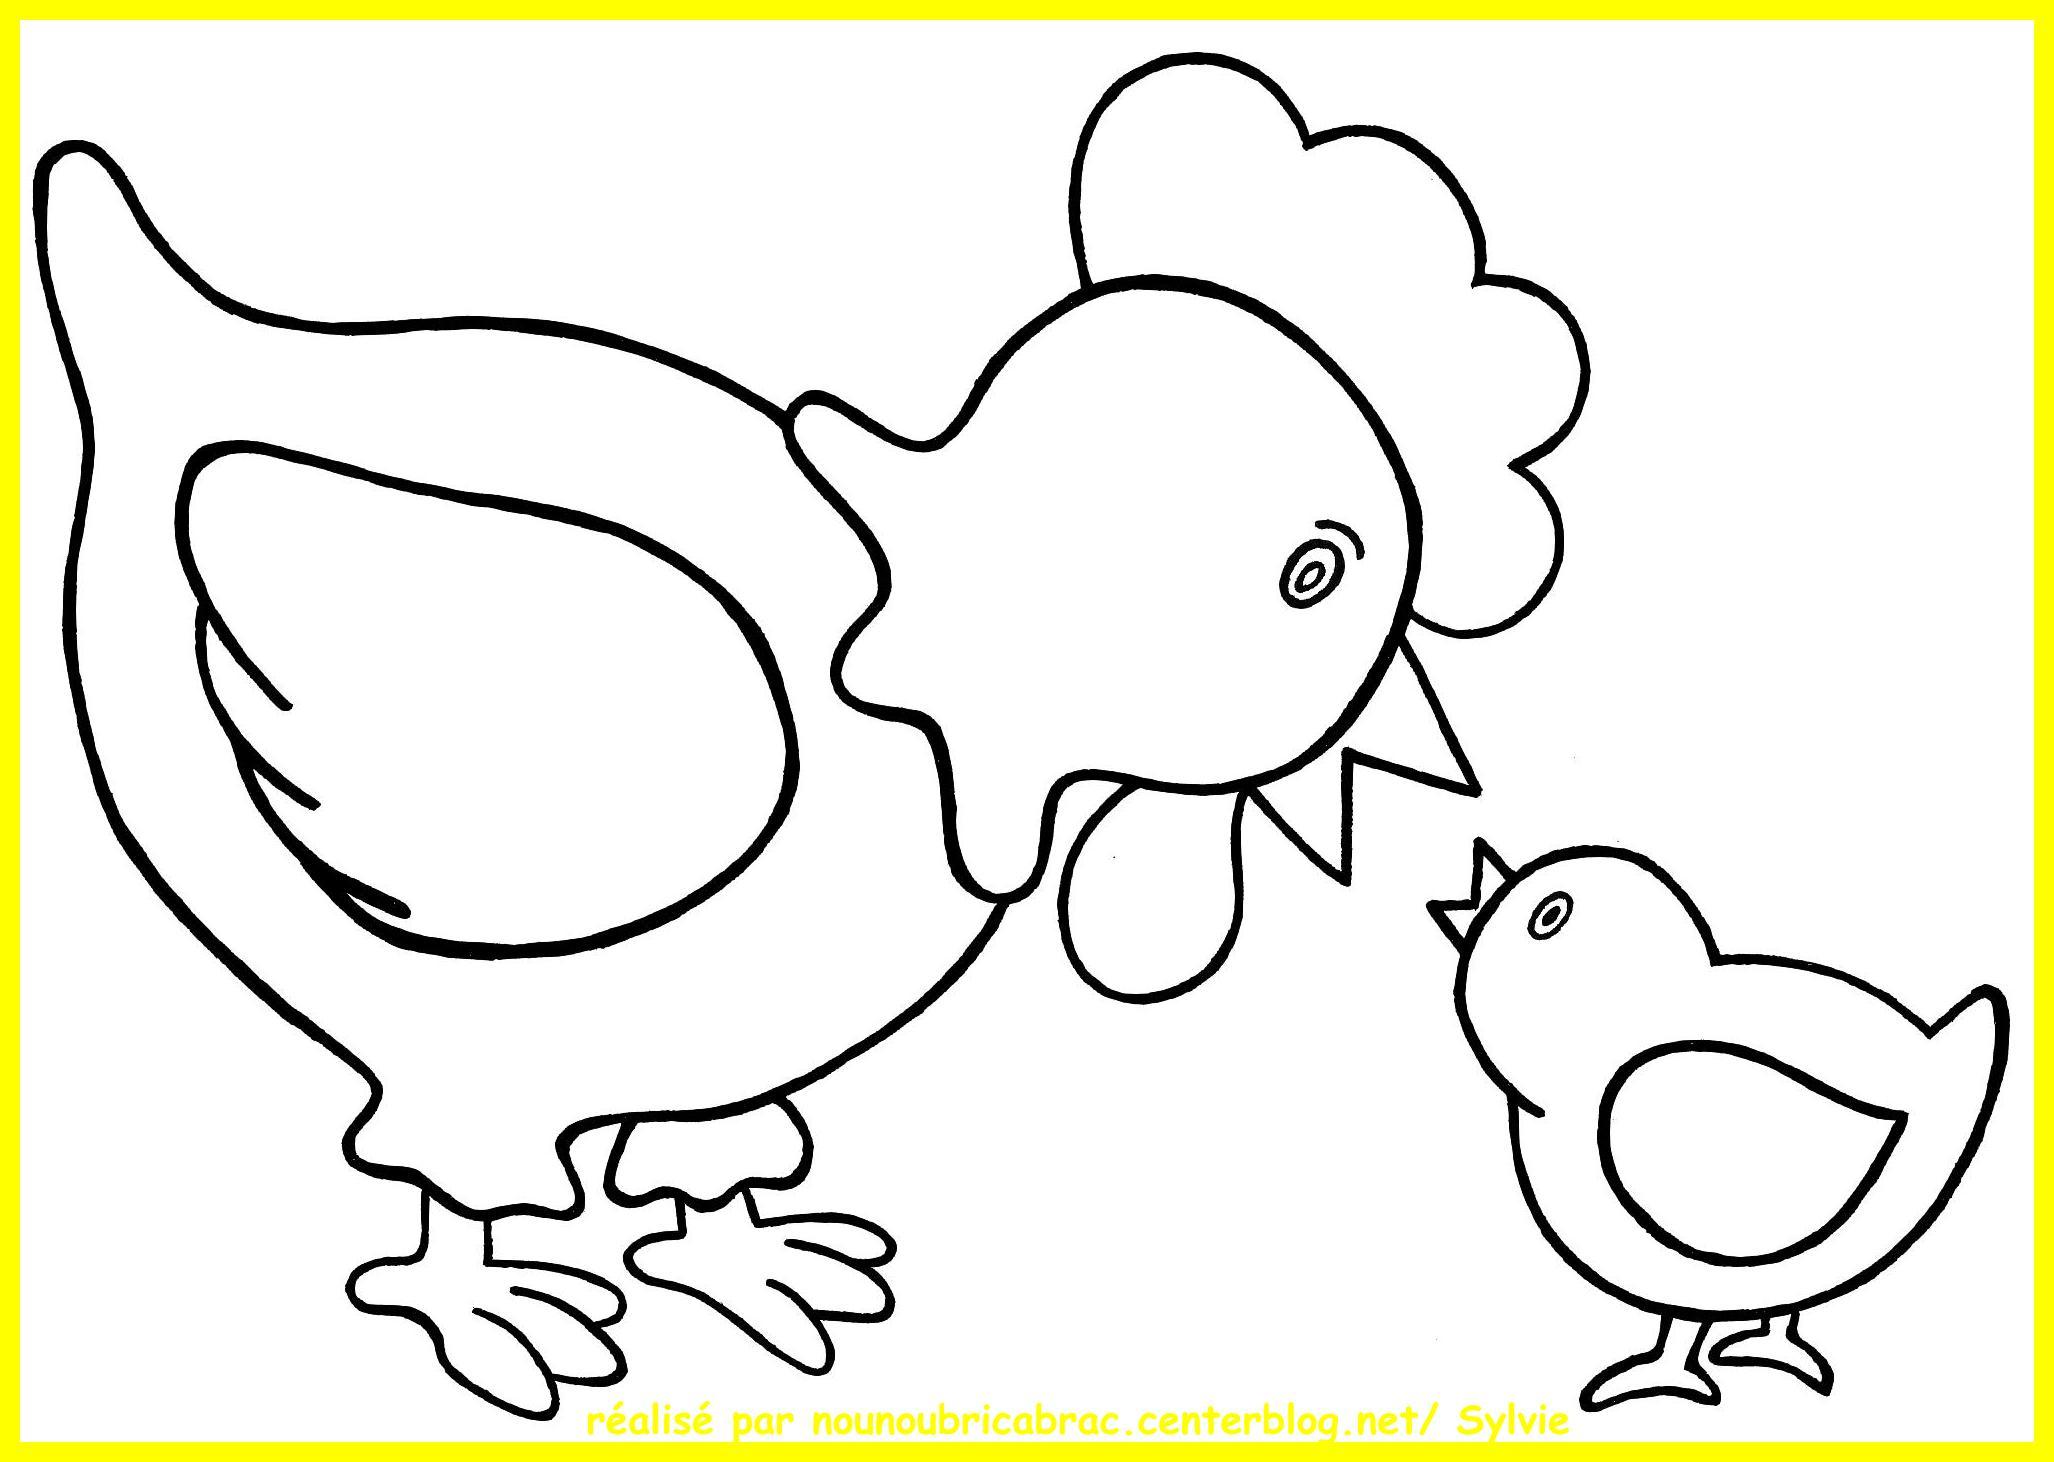 Meilleur De Coloriage Poule A Imprimer | Imprimer Et avec Poussin A Colorier